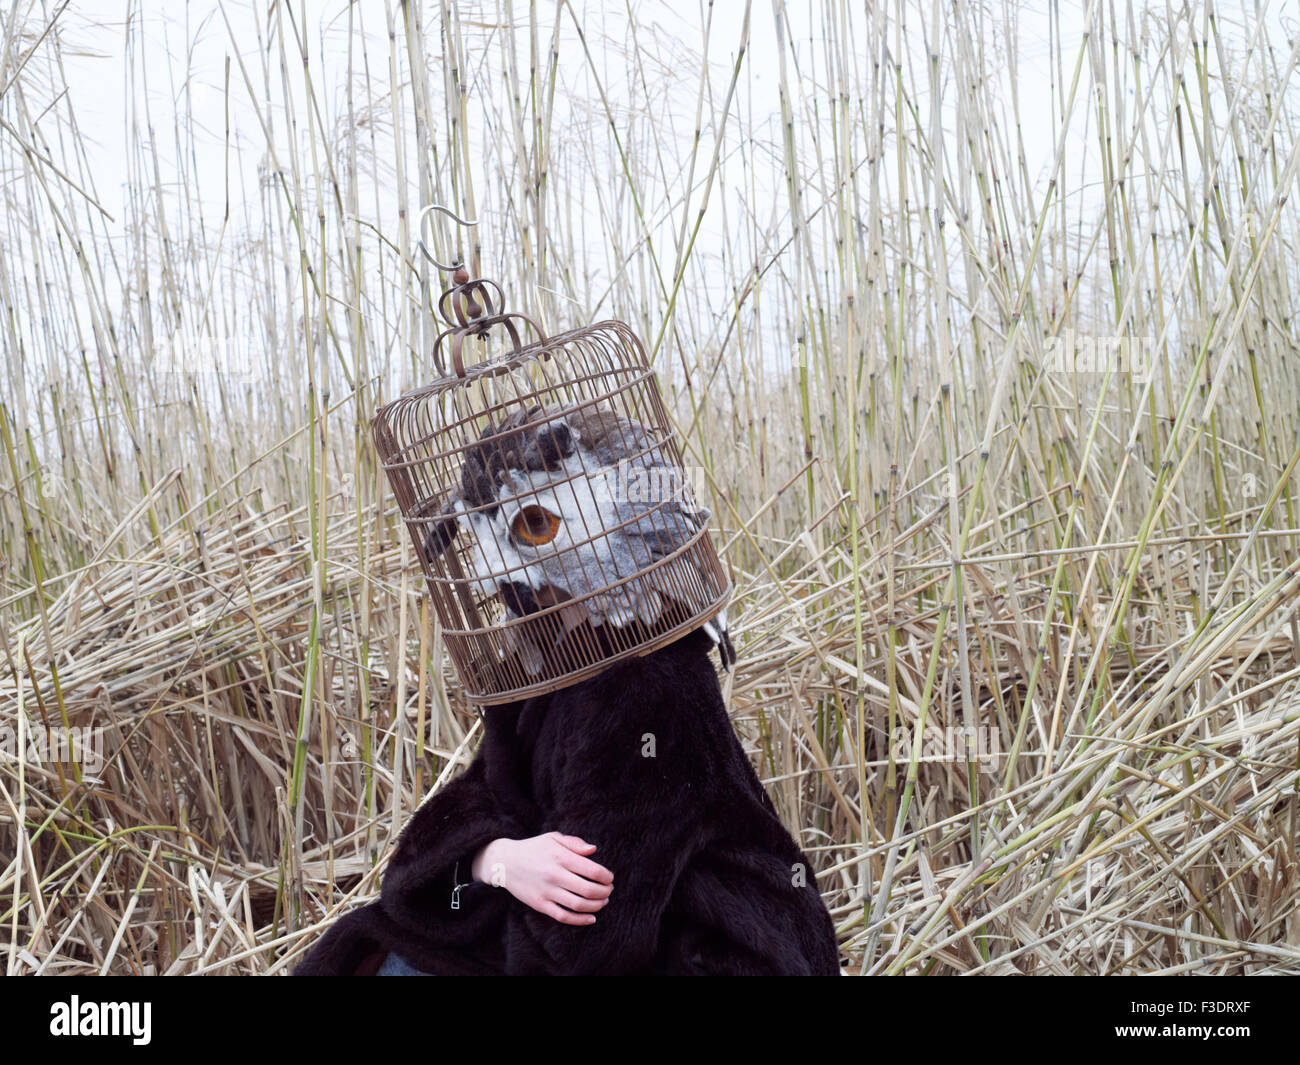 Un masque porté par un modèle. Ces masques sont souvent portés pour le théâtre et la mode Photo Stock